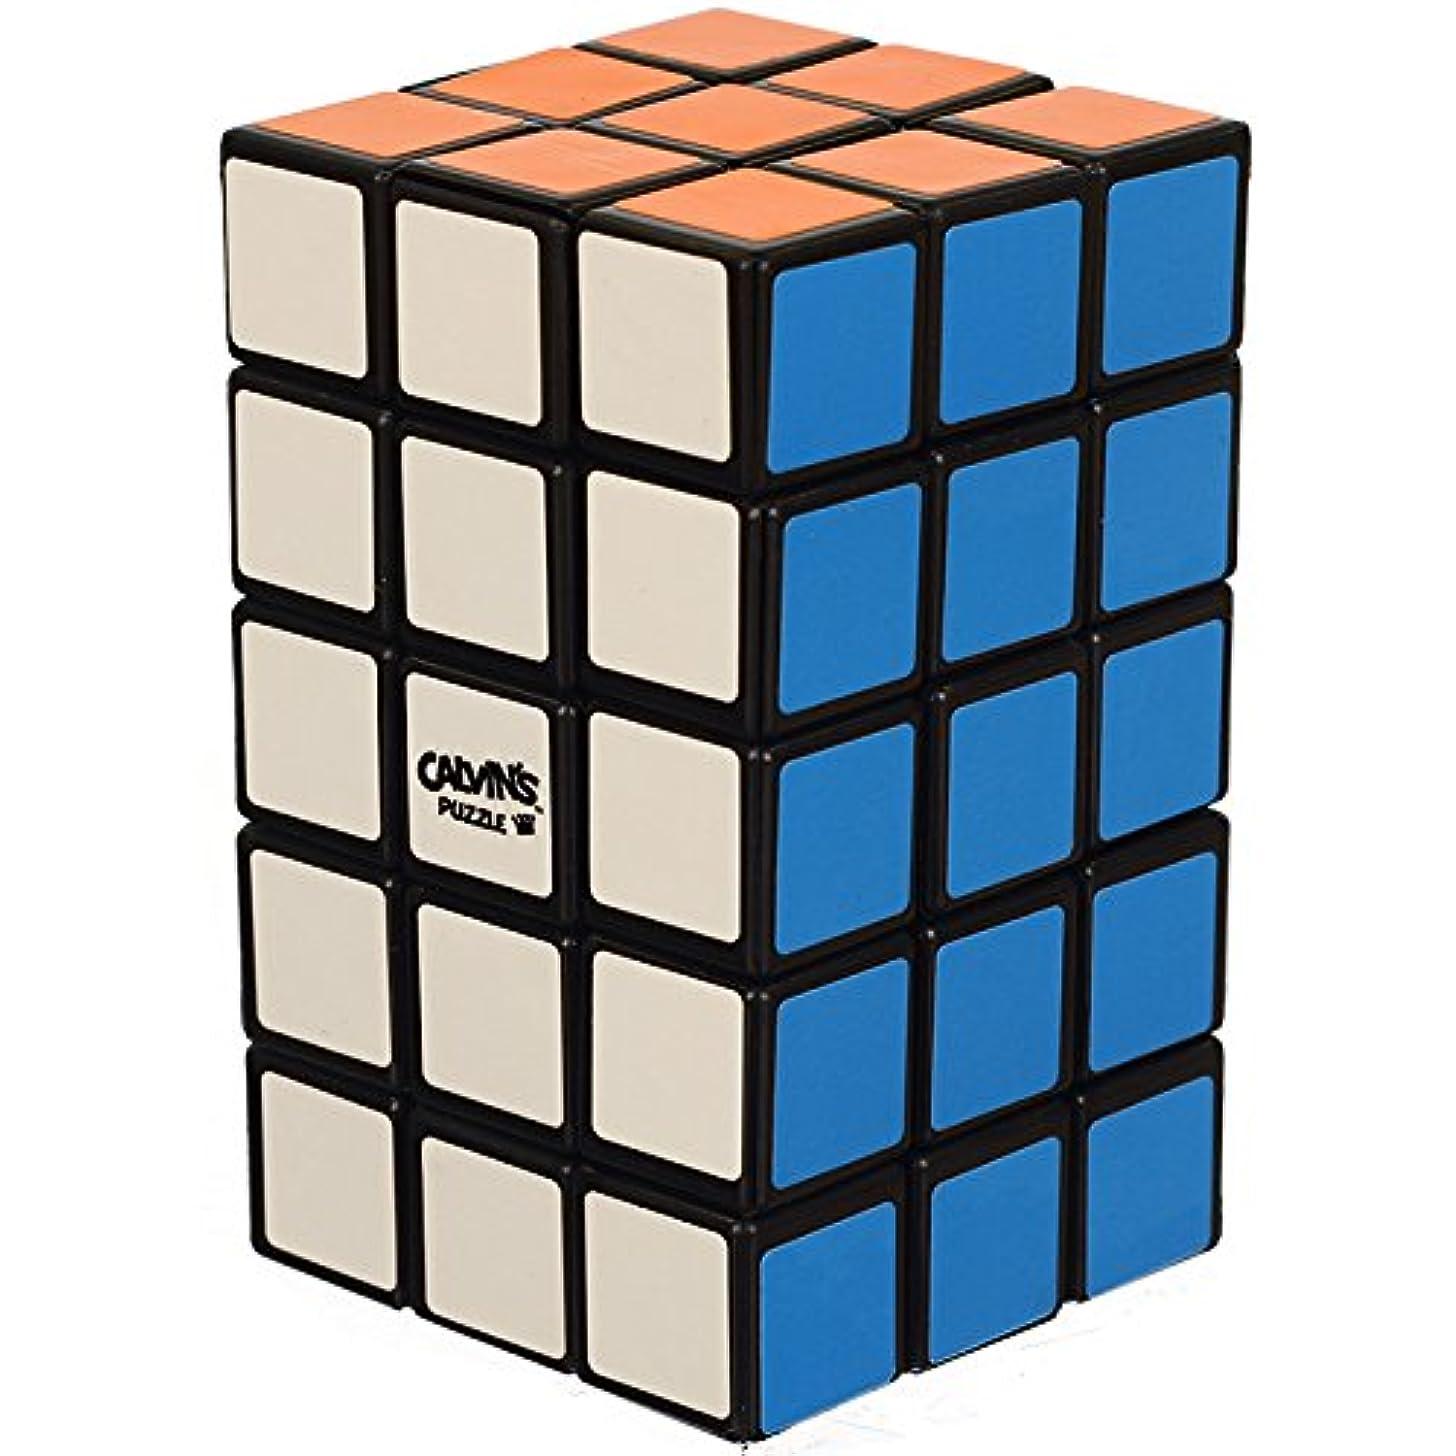 Calvin's 3x3x5 Cuboid Cube